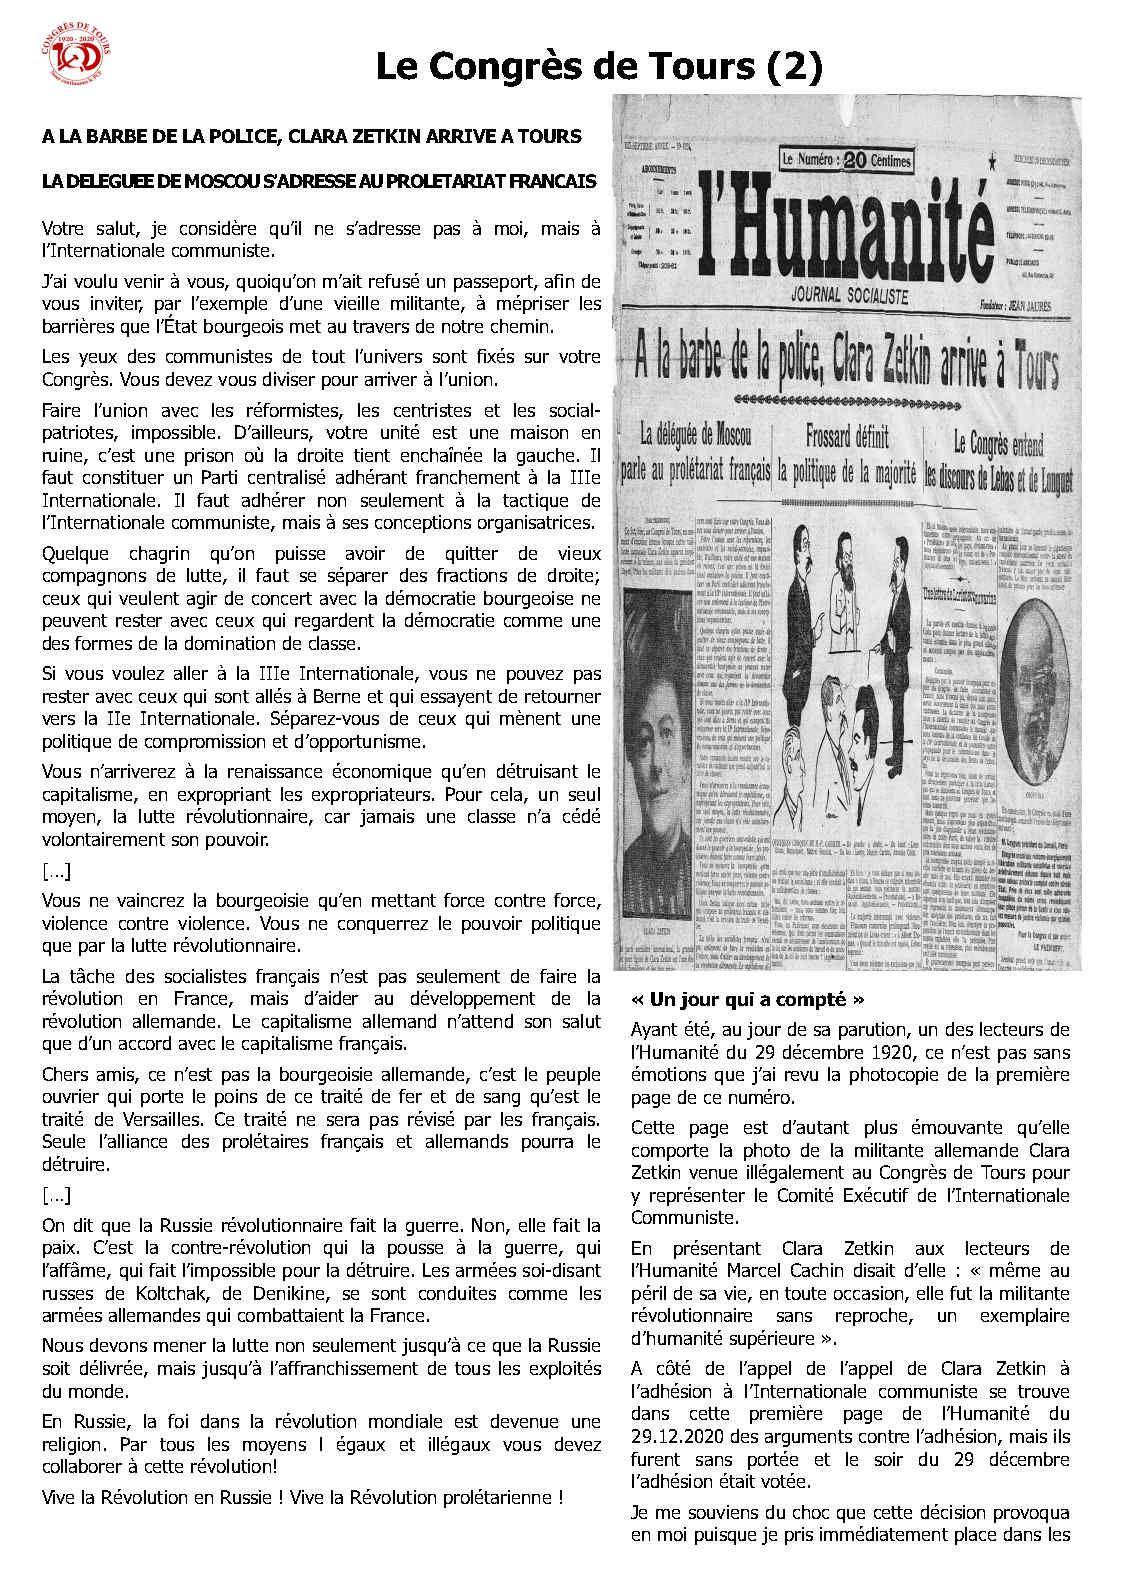 1920 - 2020. Congrès de Tours. 100 ans de lutte anticapitaliste - 5